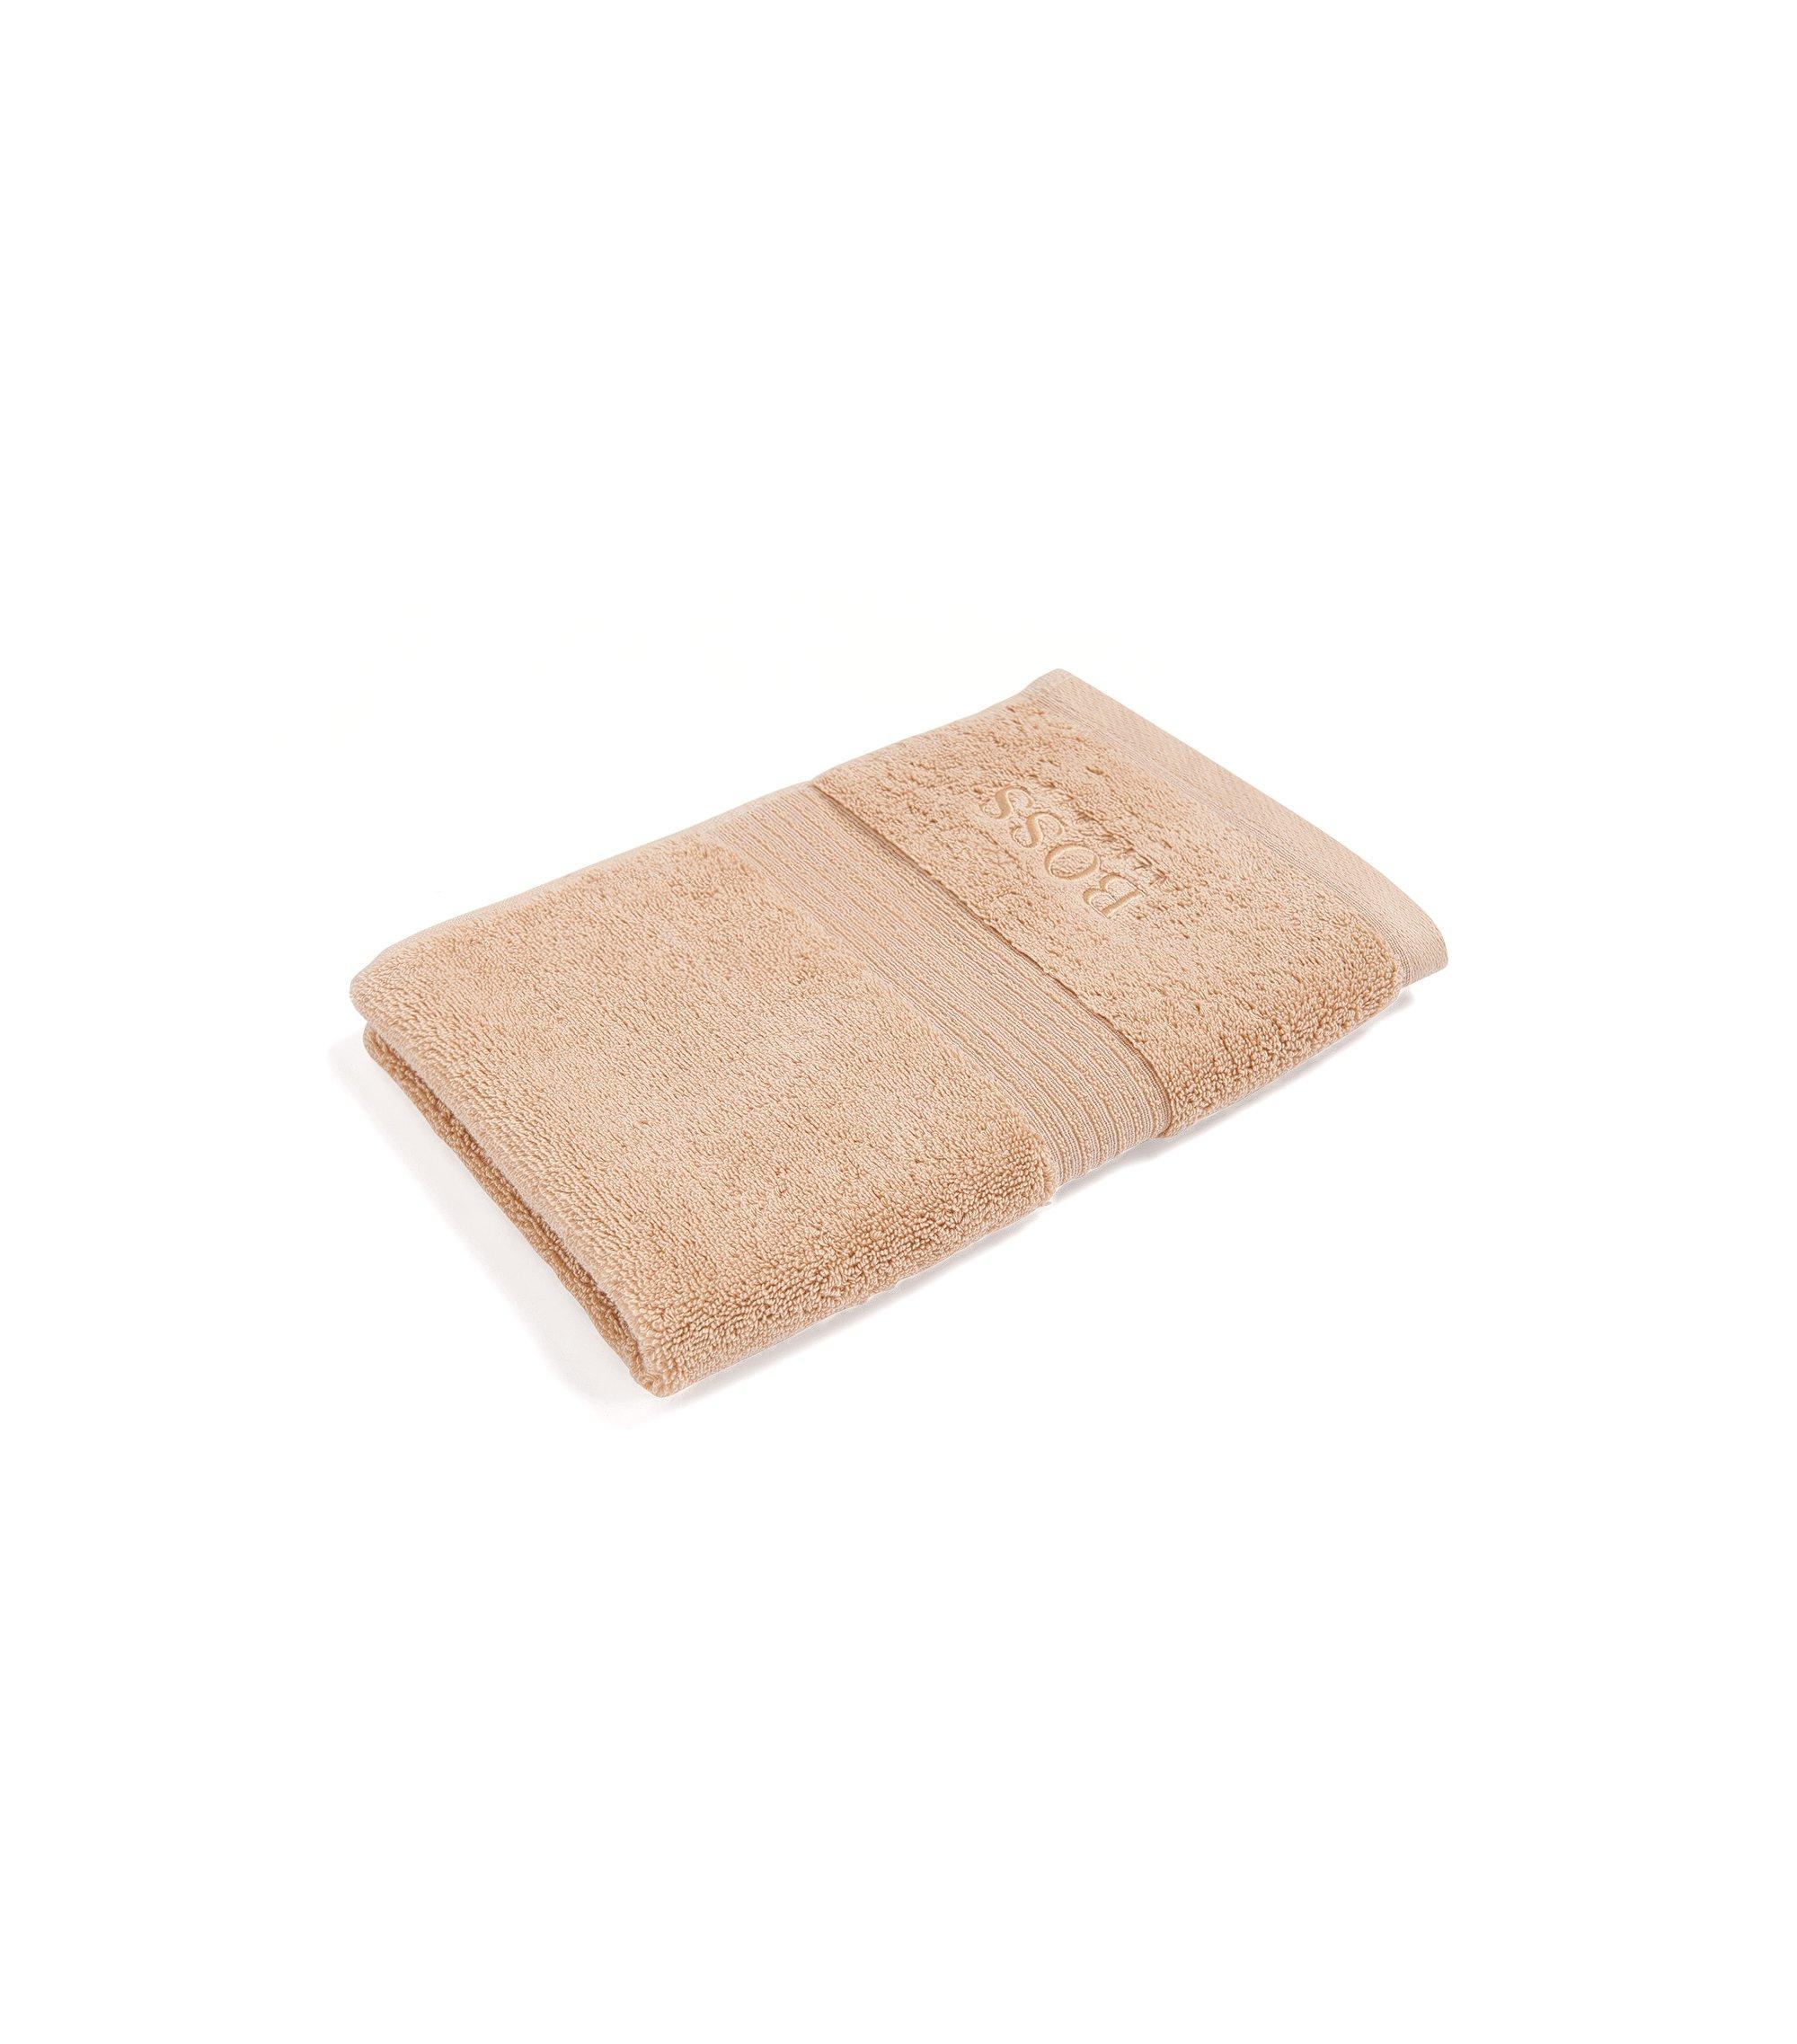 Asciugamano per ospiti in cotone egeo pettinato con bordi a coste, Beige